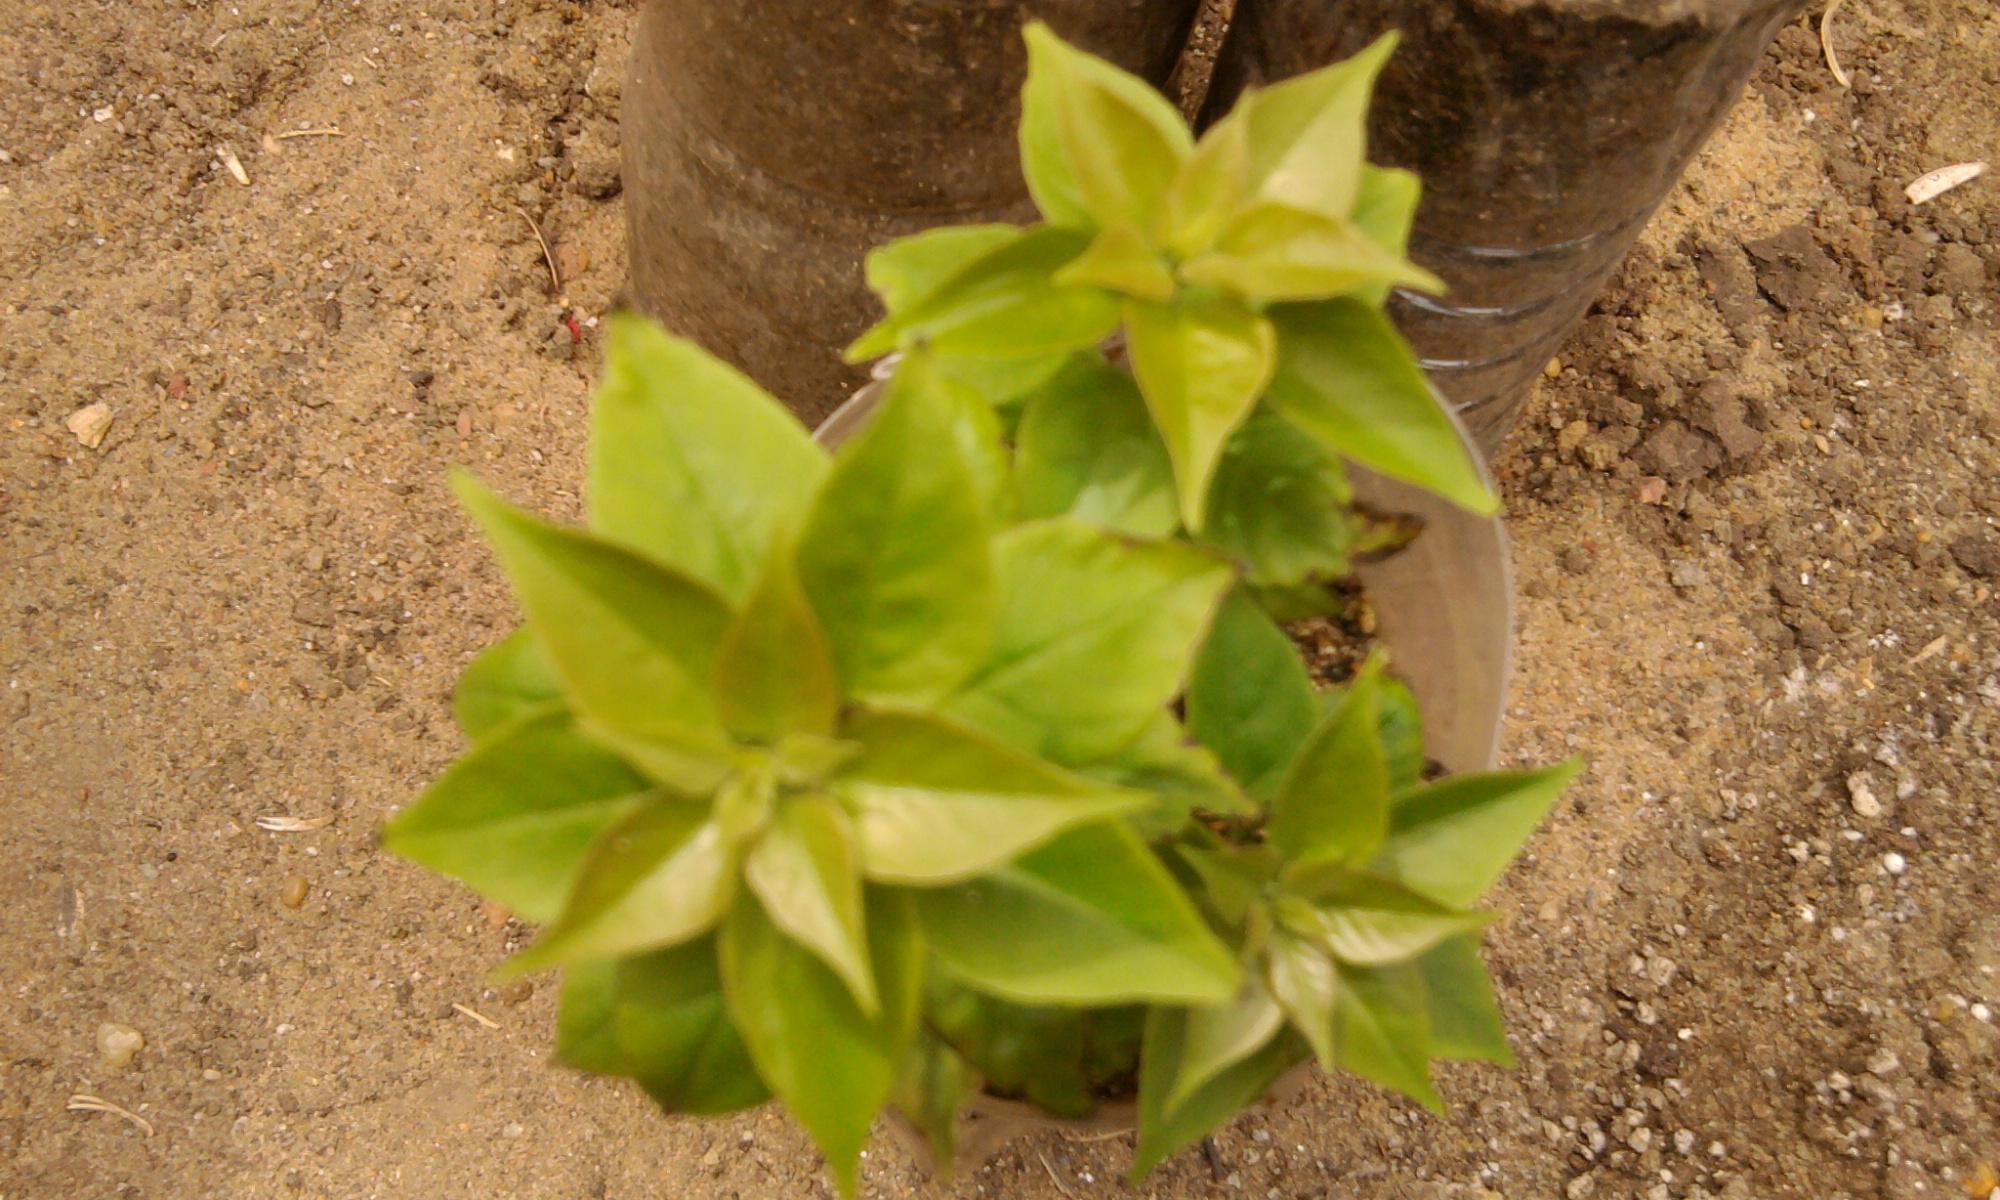 زراعة التوت والجهنمية والفيكس نيتدا 761929611.jpg